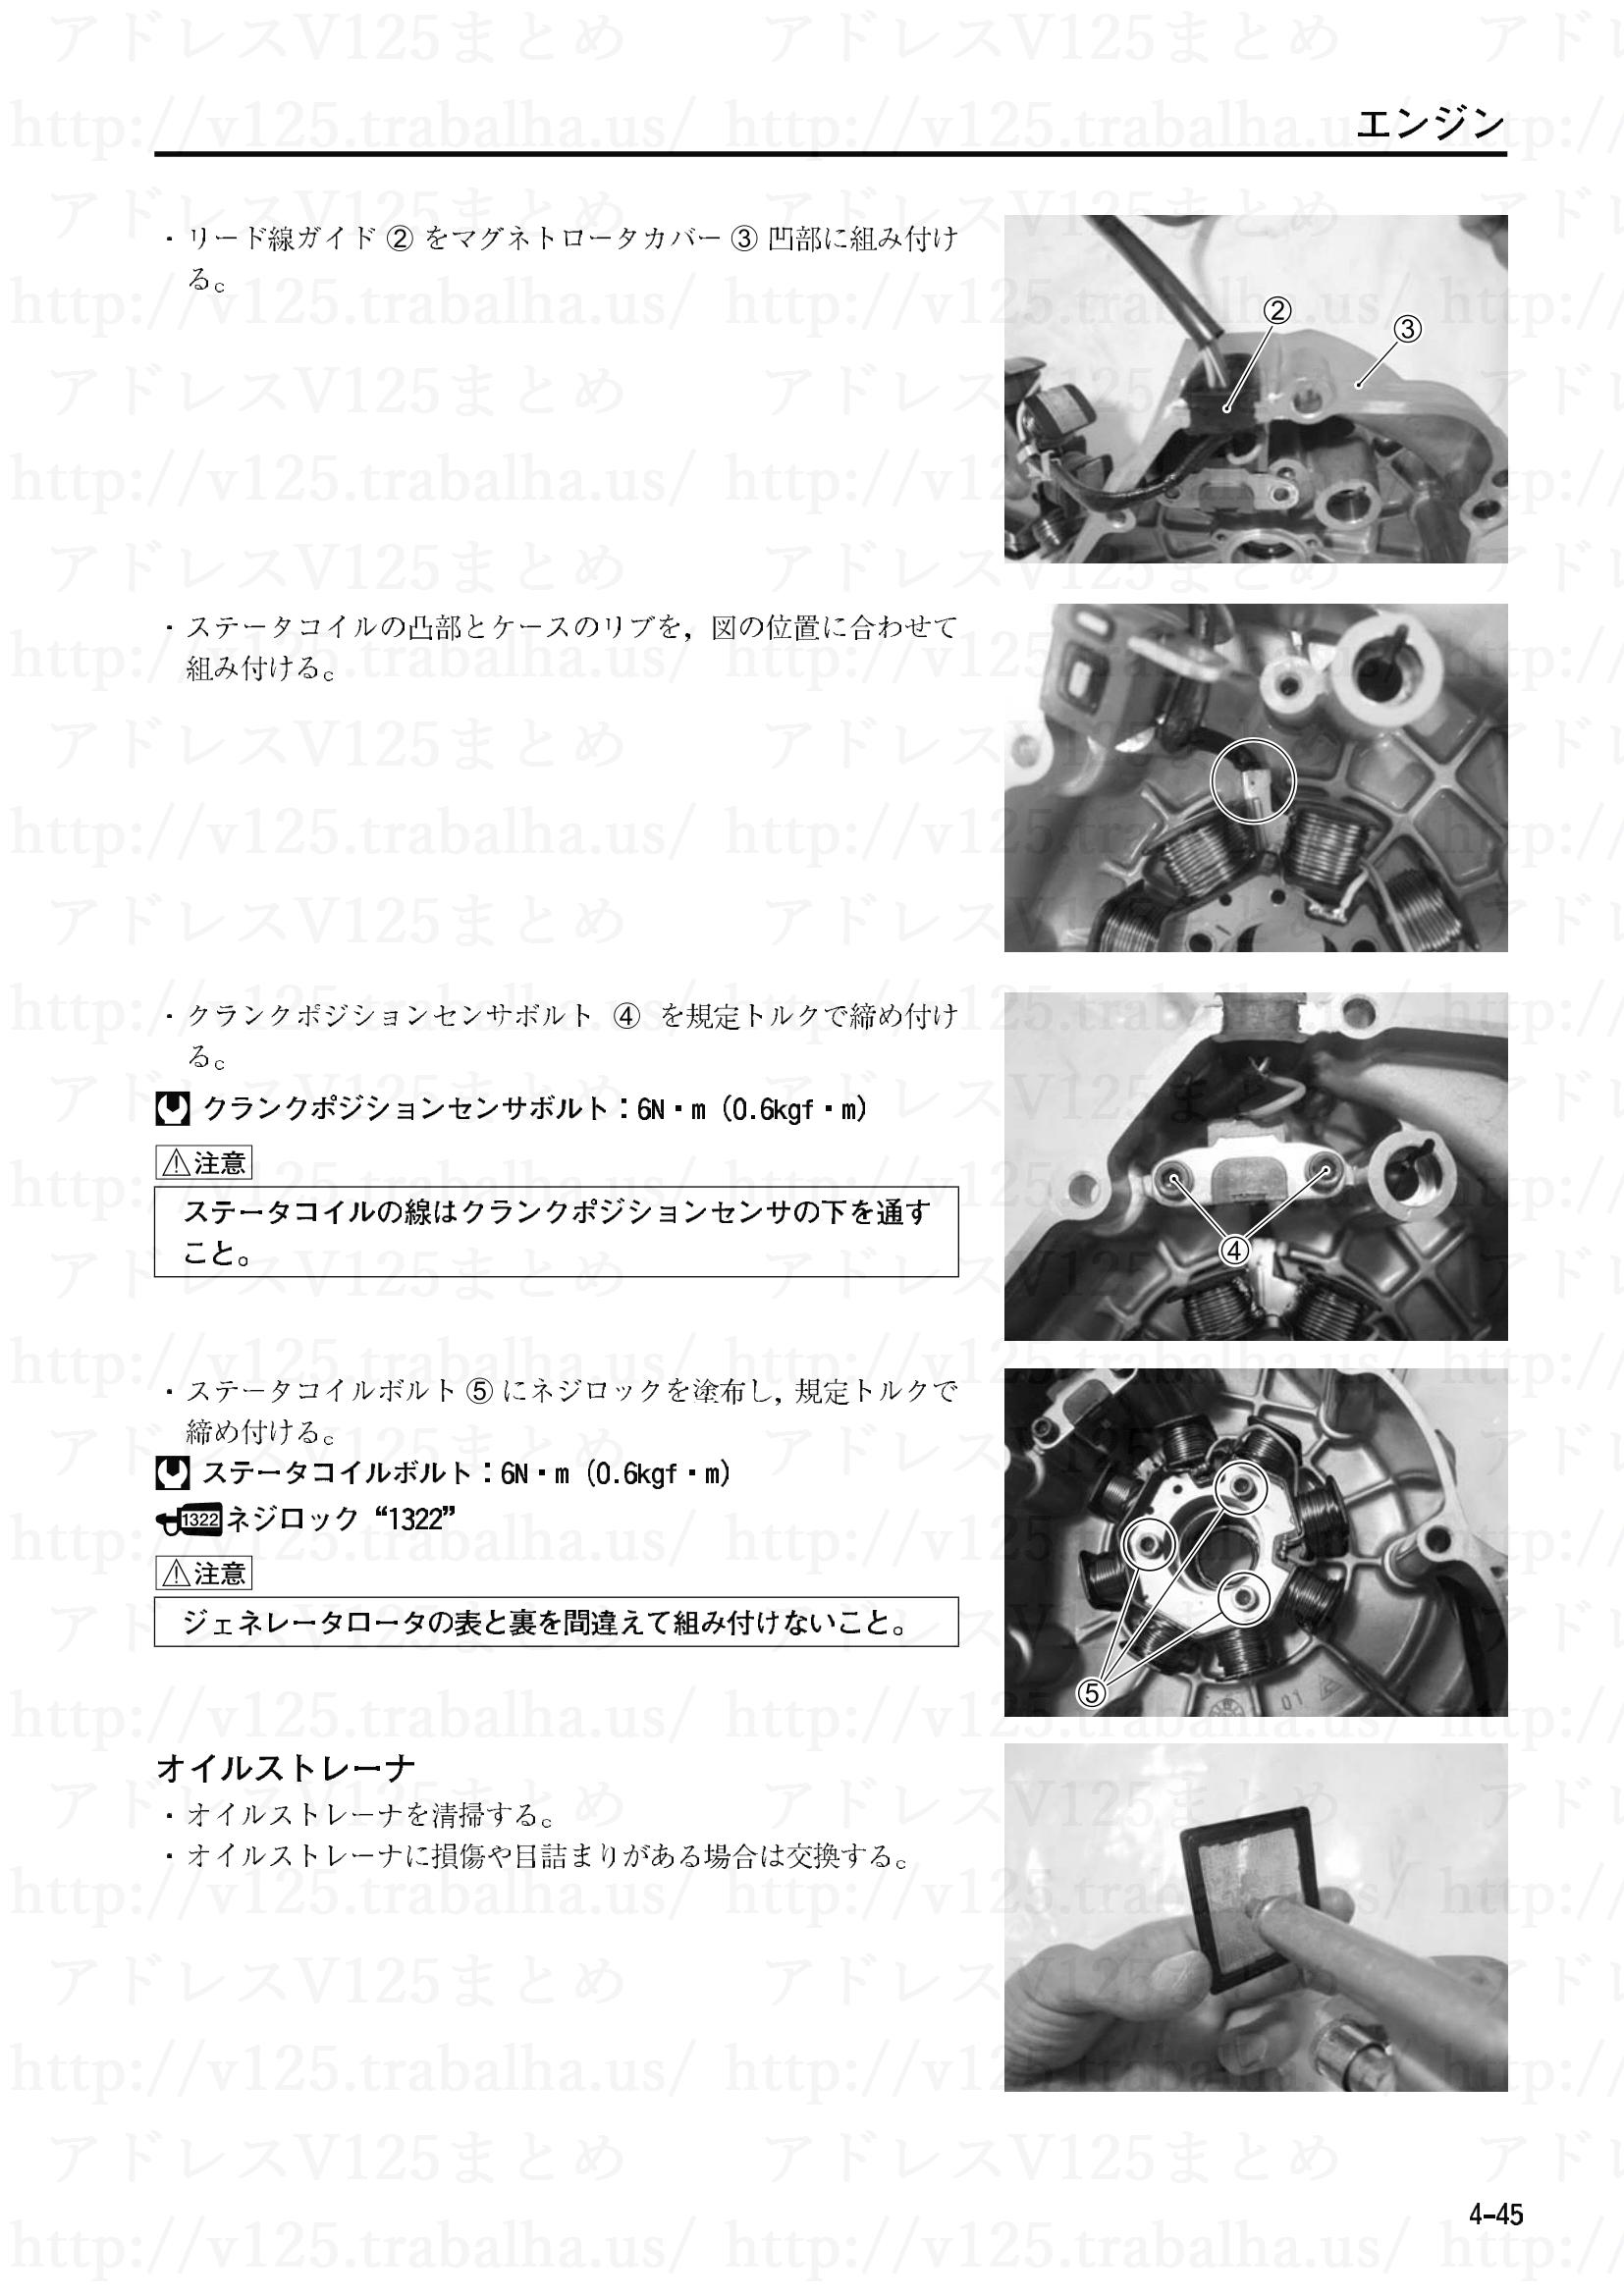 4-45【エンジン】エンジン部組部品の点検23